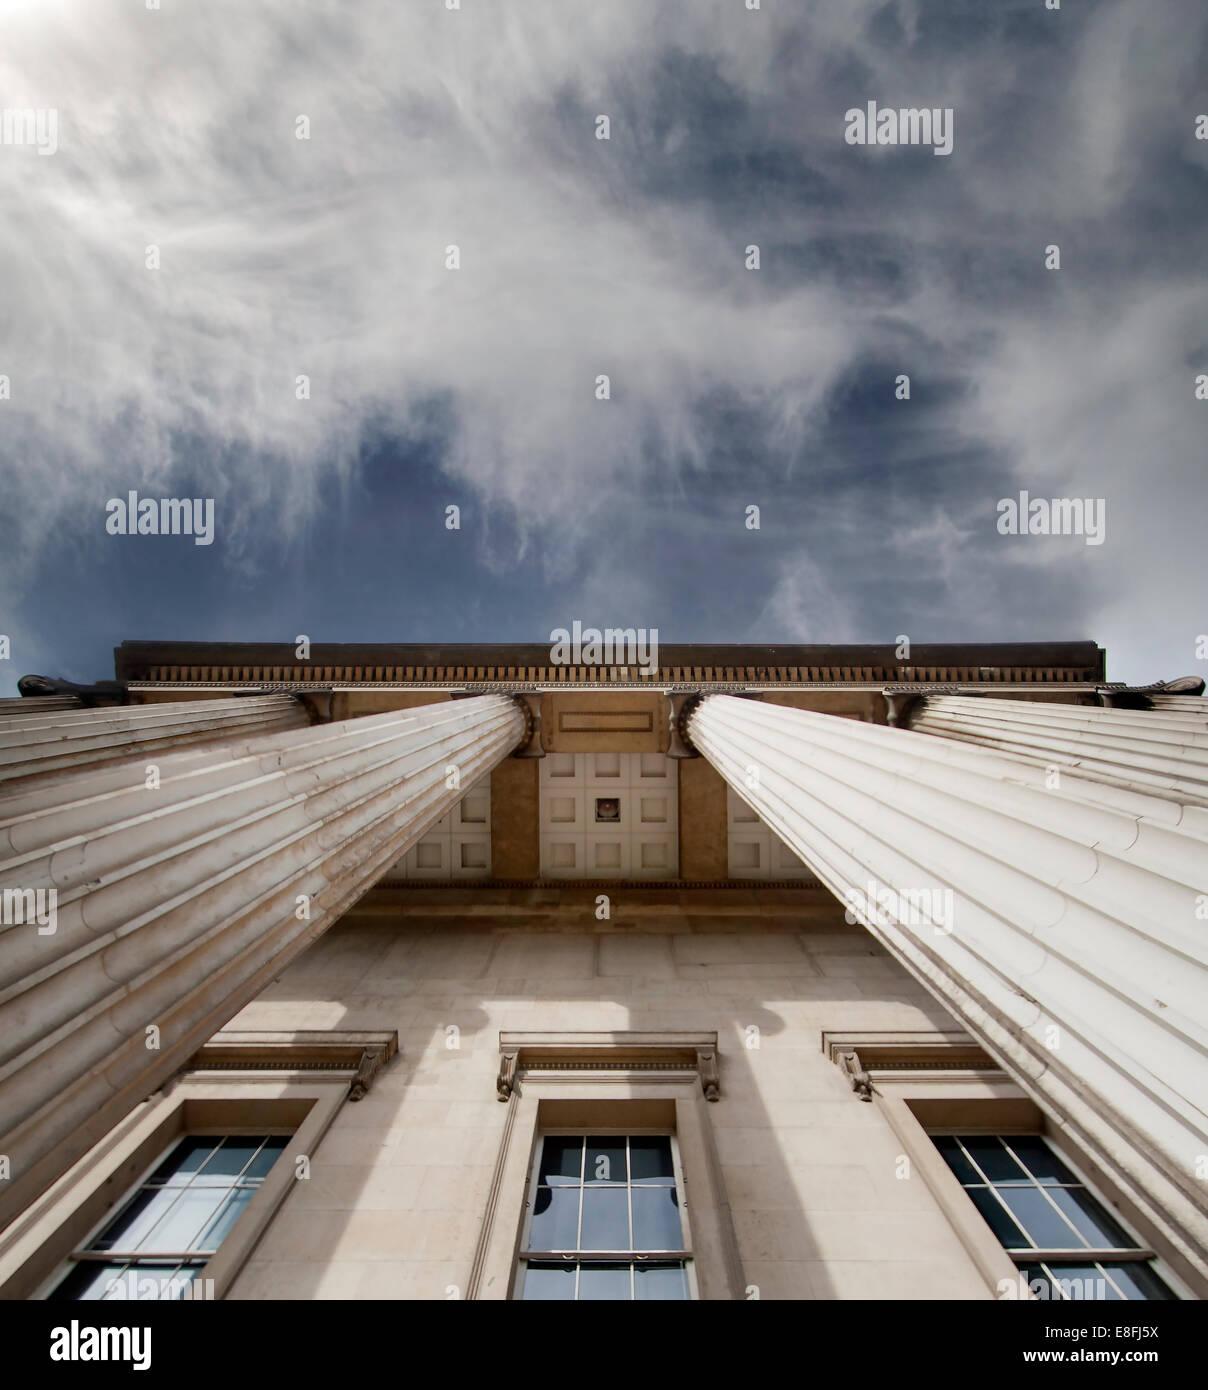 Regno Unito, Inghilterra, Londra, basso angolo di visione del British Museum Immagini Stock